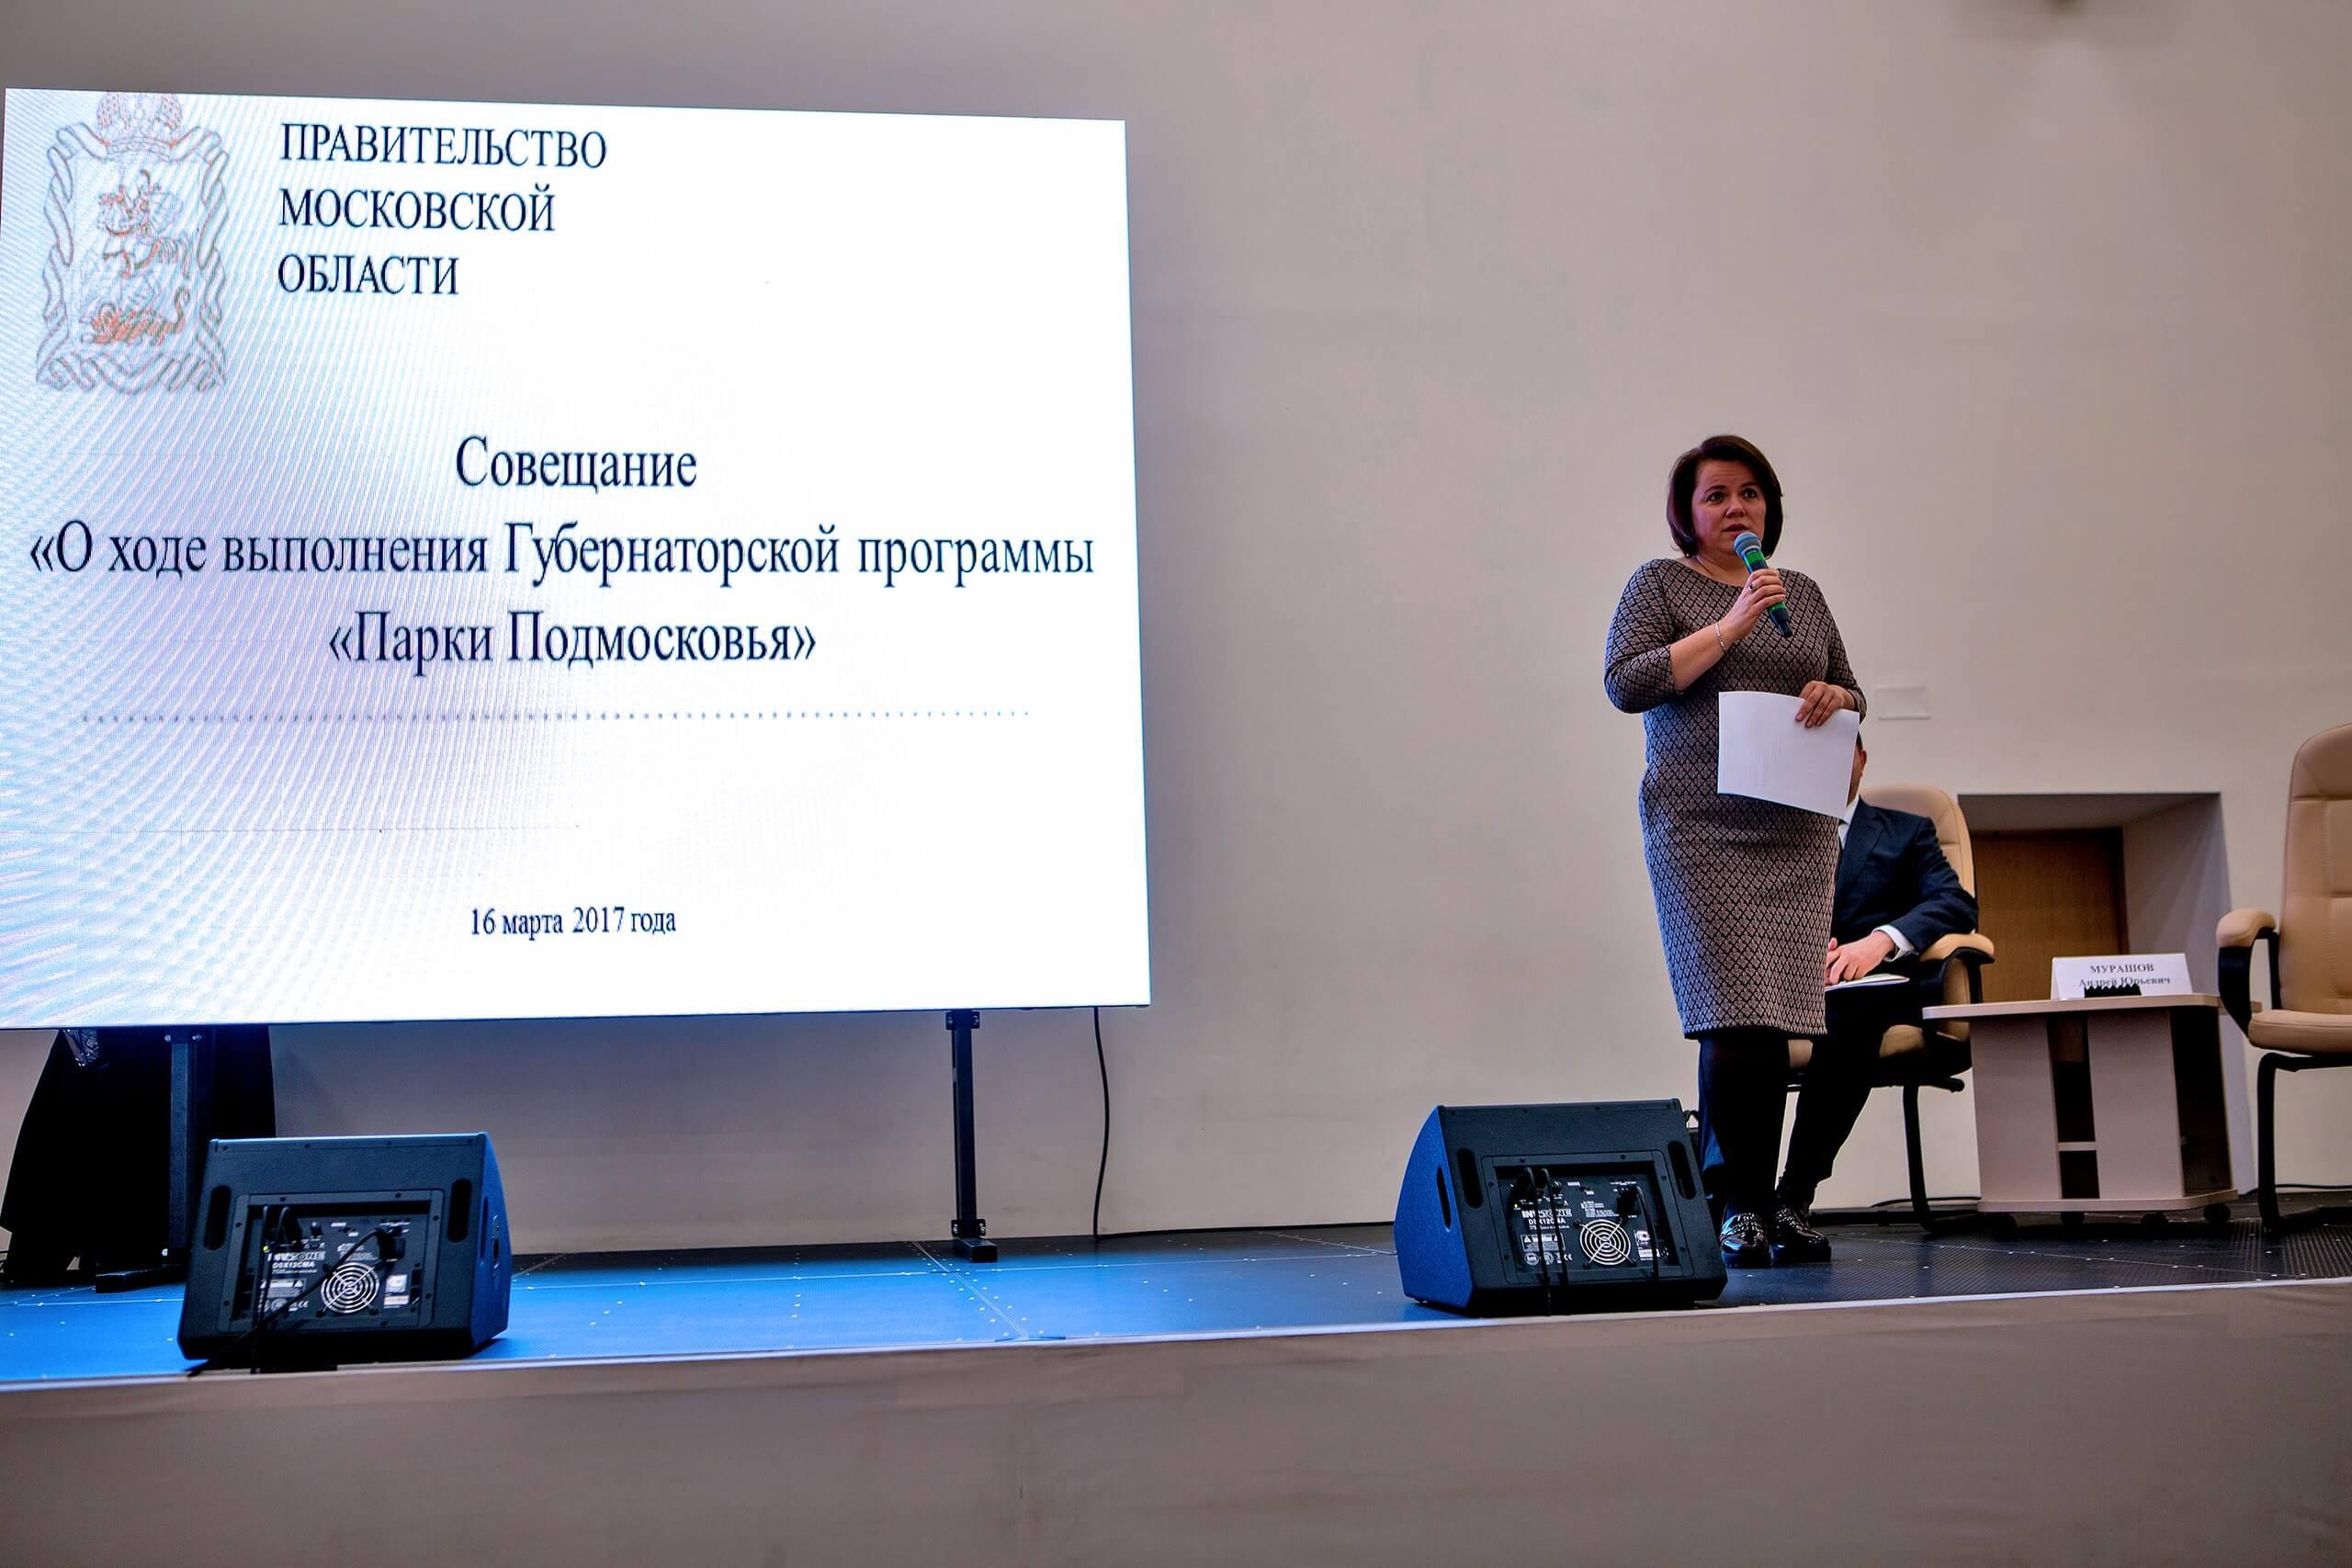 Парки Подмосковья3